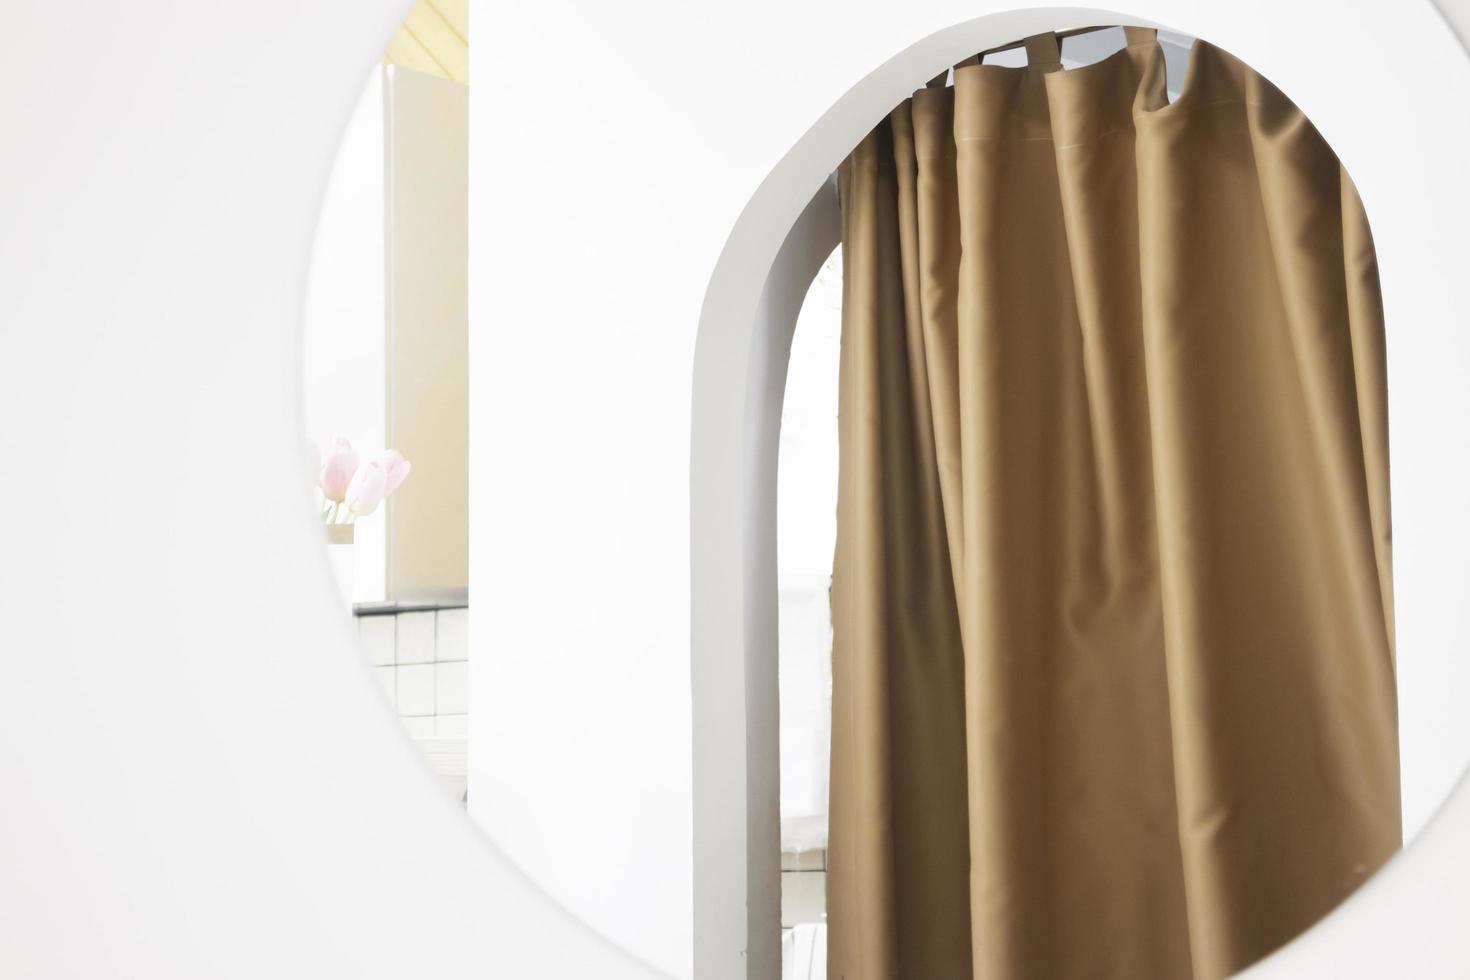 zacht gordijn in een moderne witte kamer foto